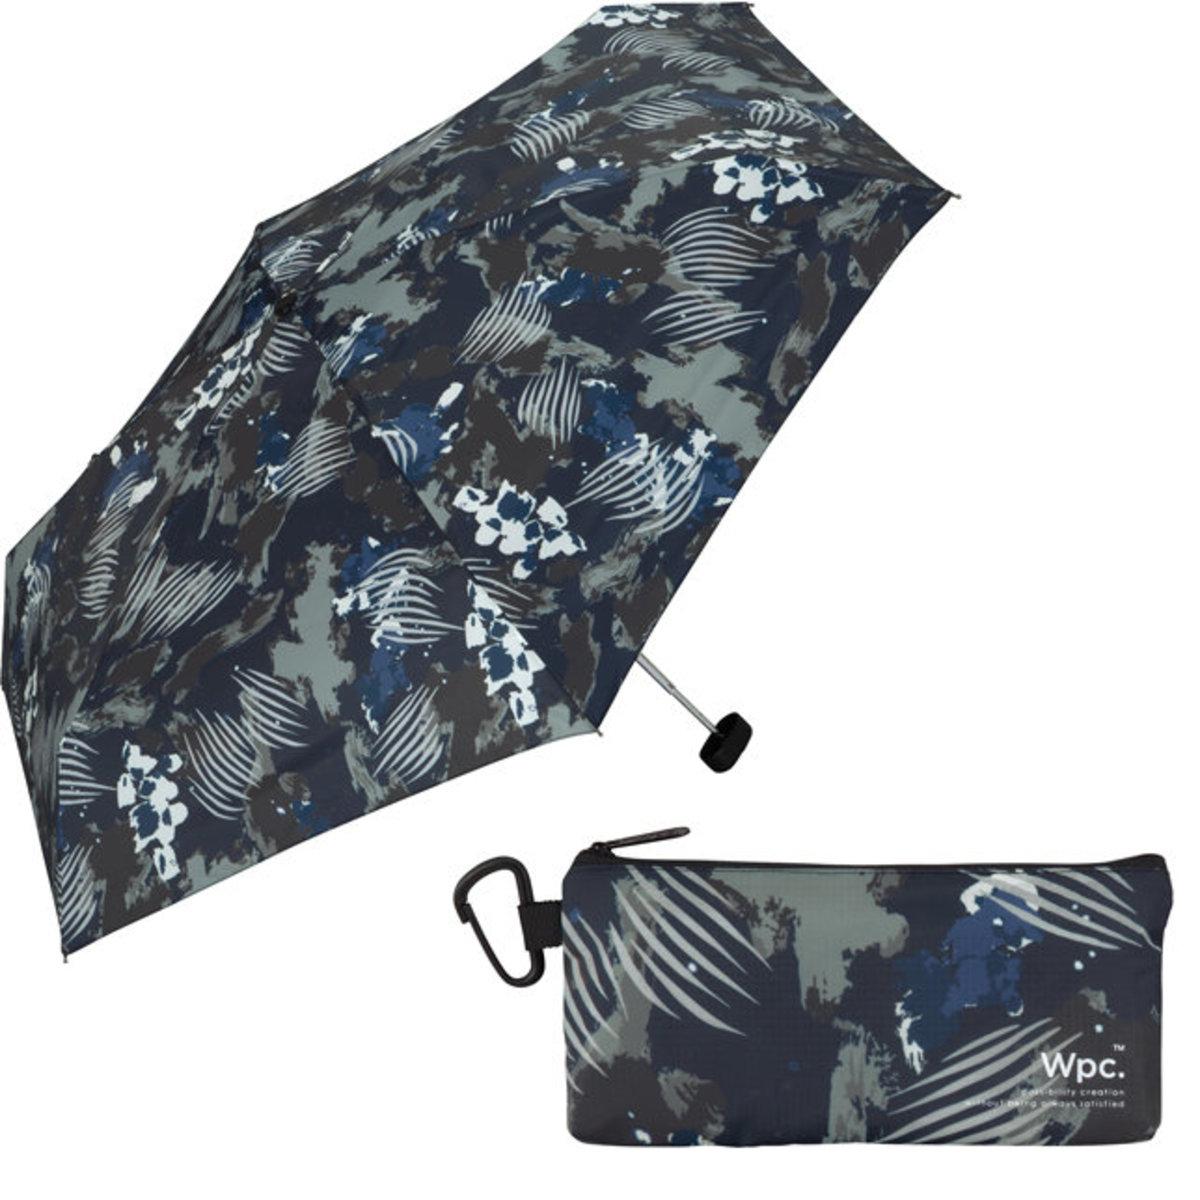 防紫外光‧傘袋附登山扣‧Ripstop系列伸縮雨傘 深藍繪圖